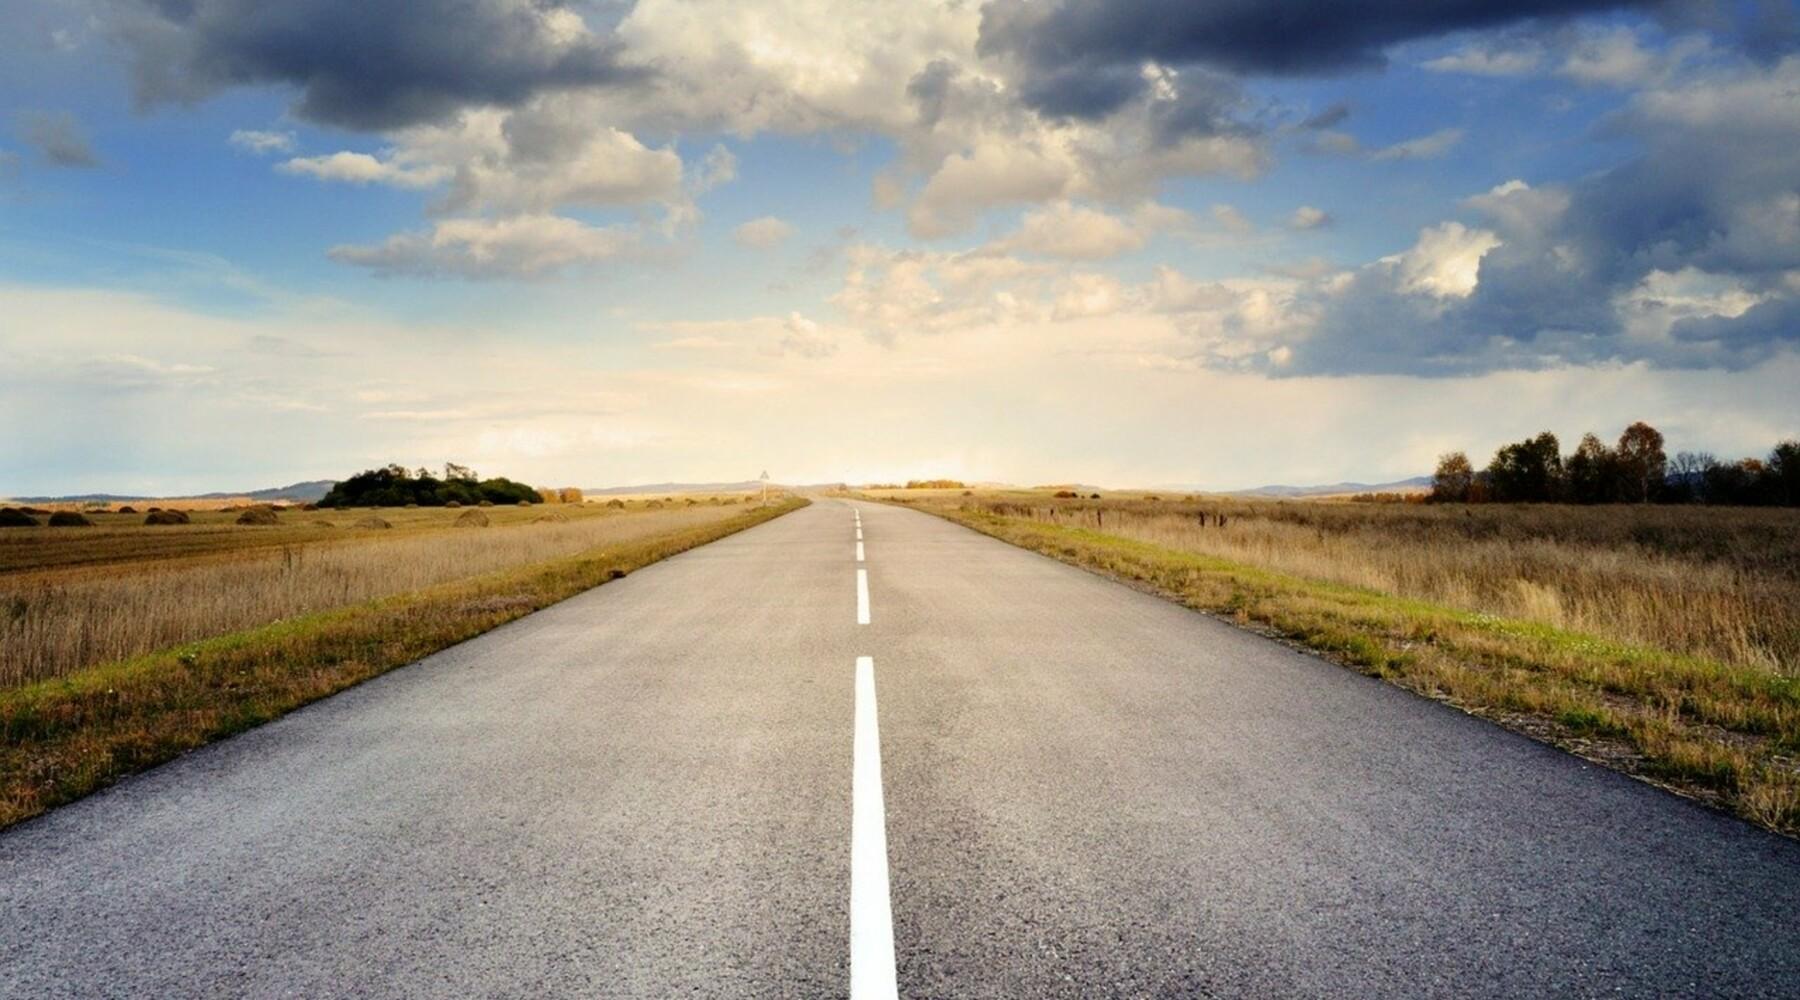 Vacances du futur : comment voyagerons-nous demain ?